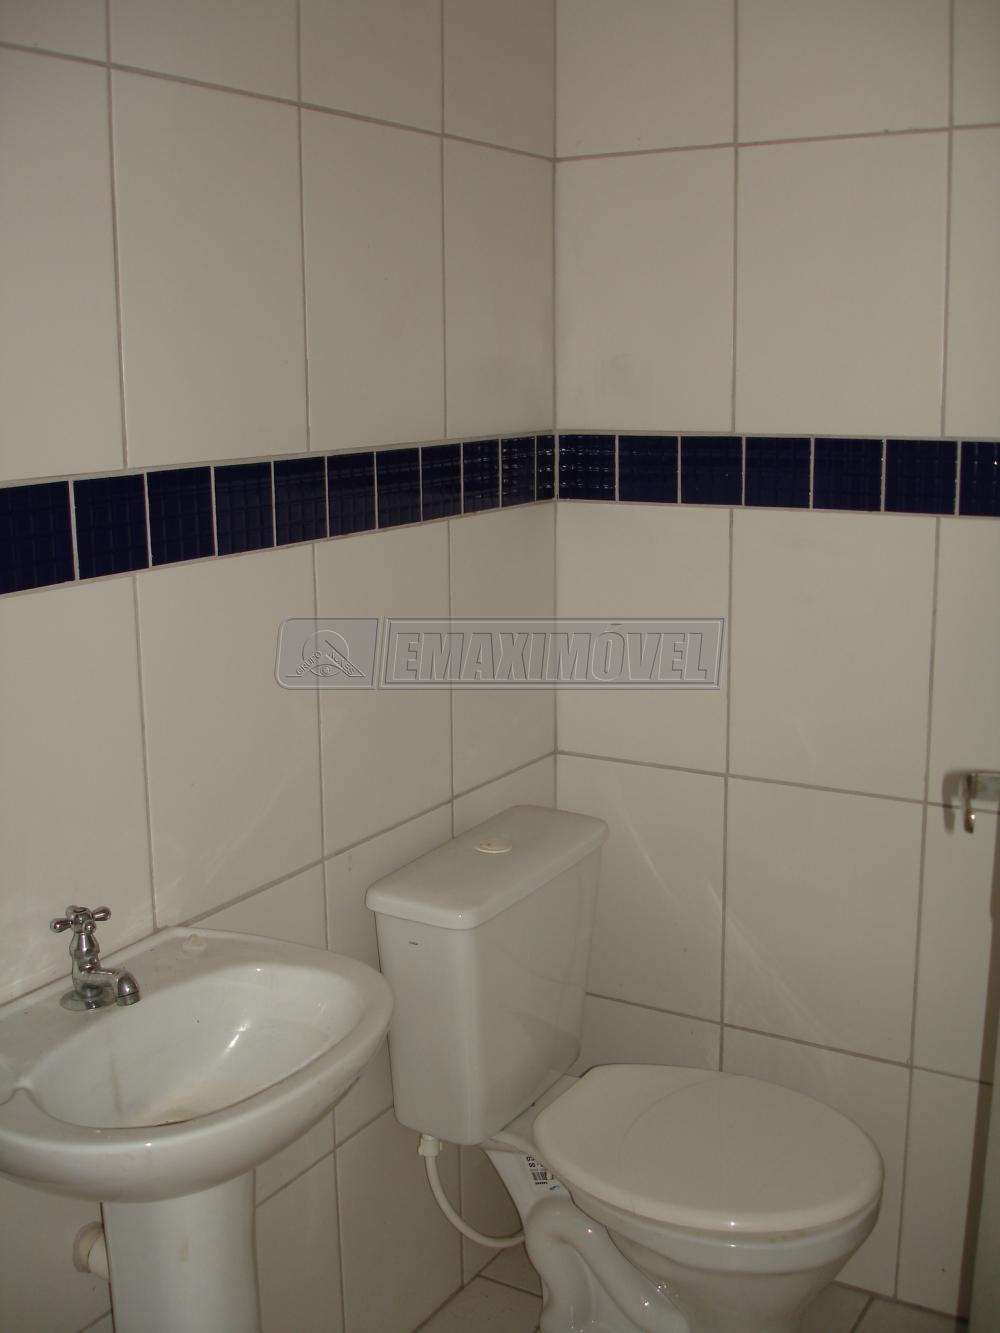 Alugar Comercial / Salões em Sorocaba apenas R$ 3.000,00 - Foto 16